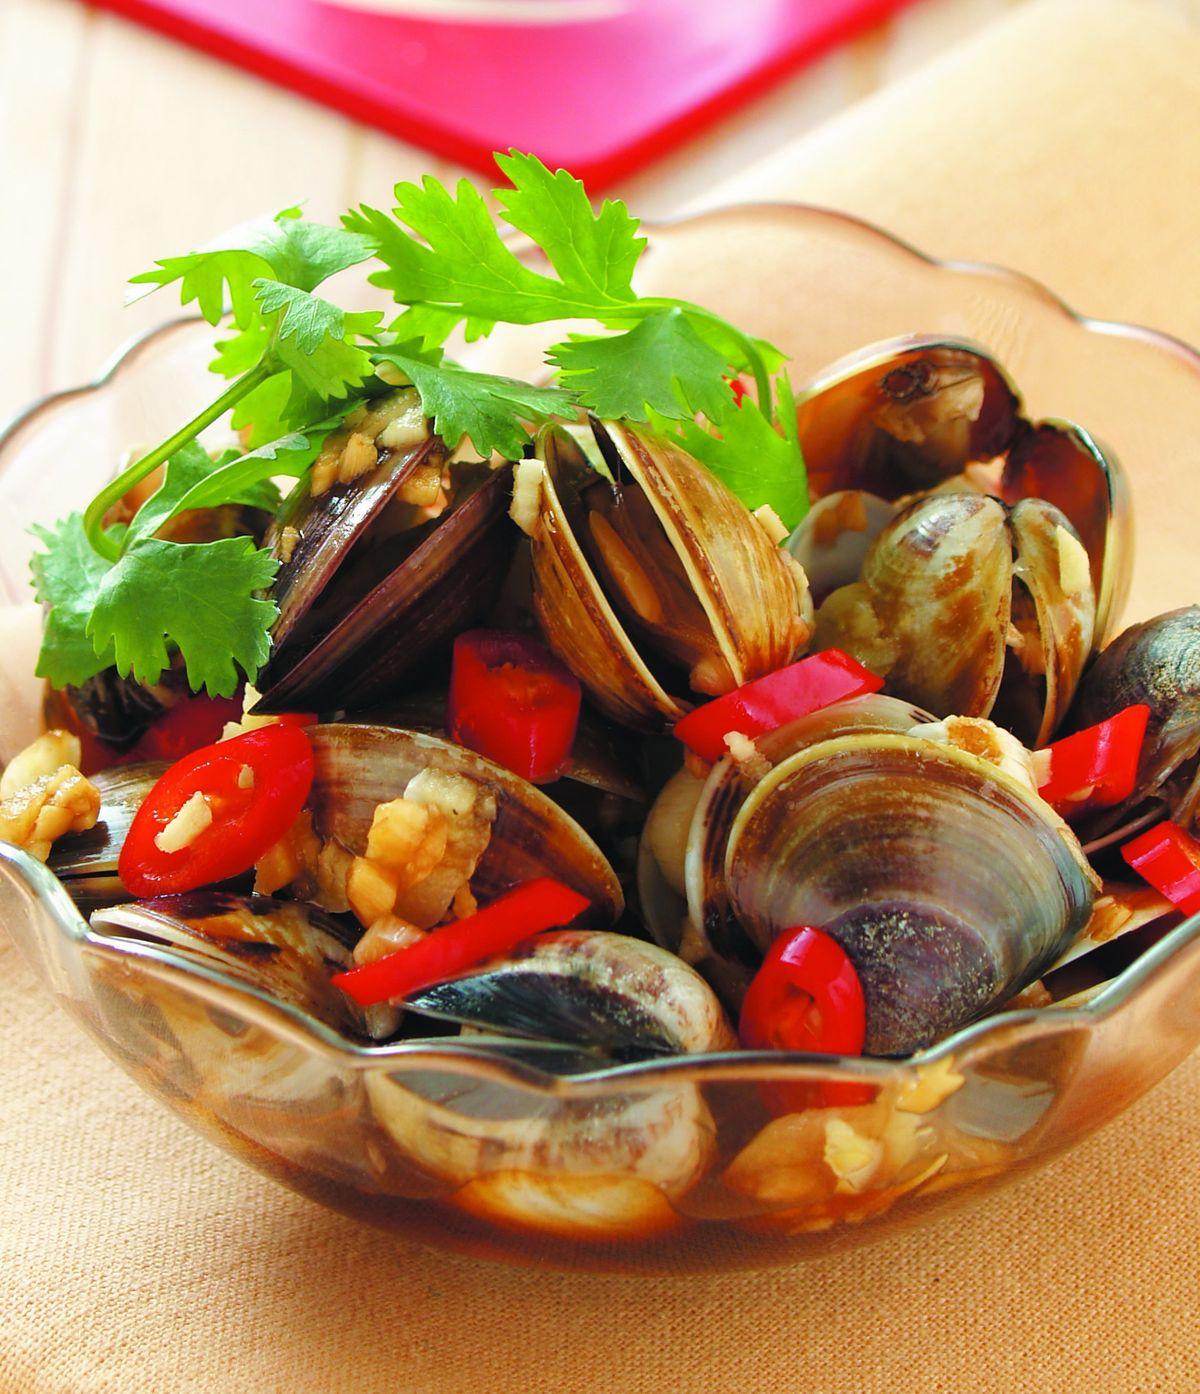 食譜:蒜味鹹蛤蠣